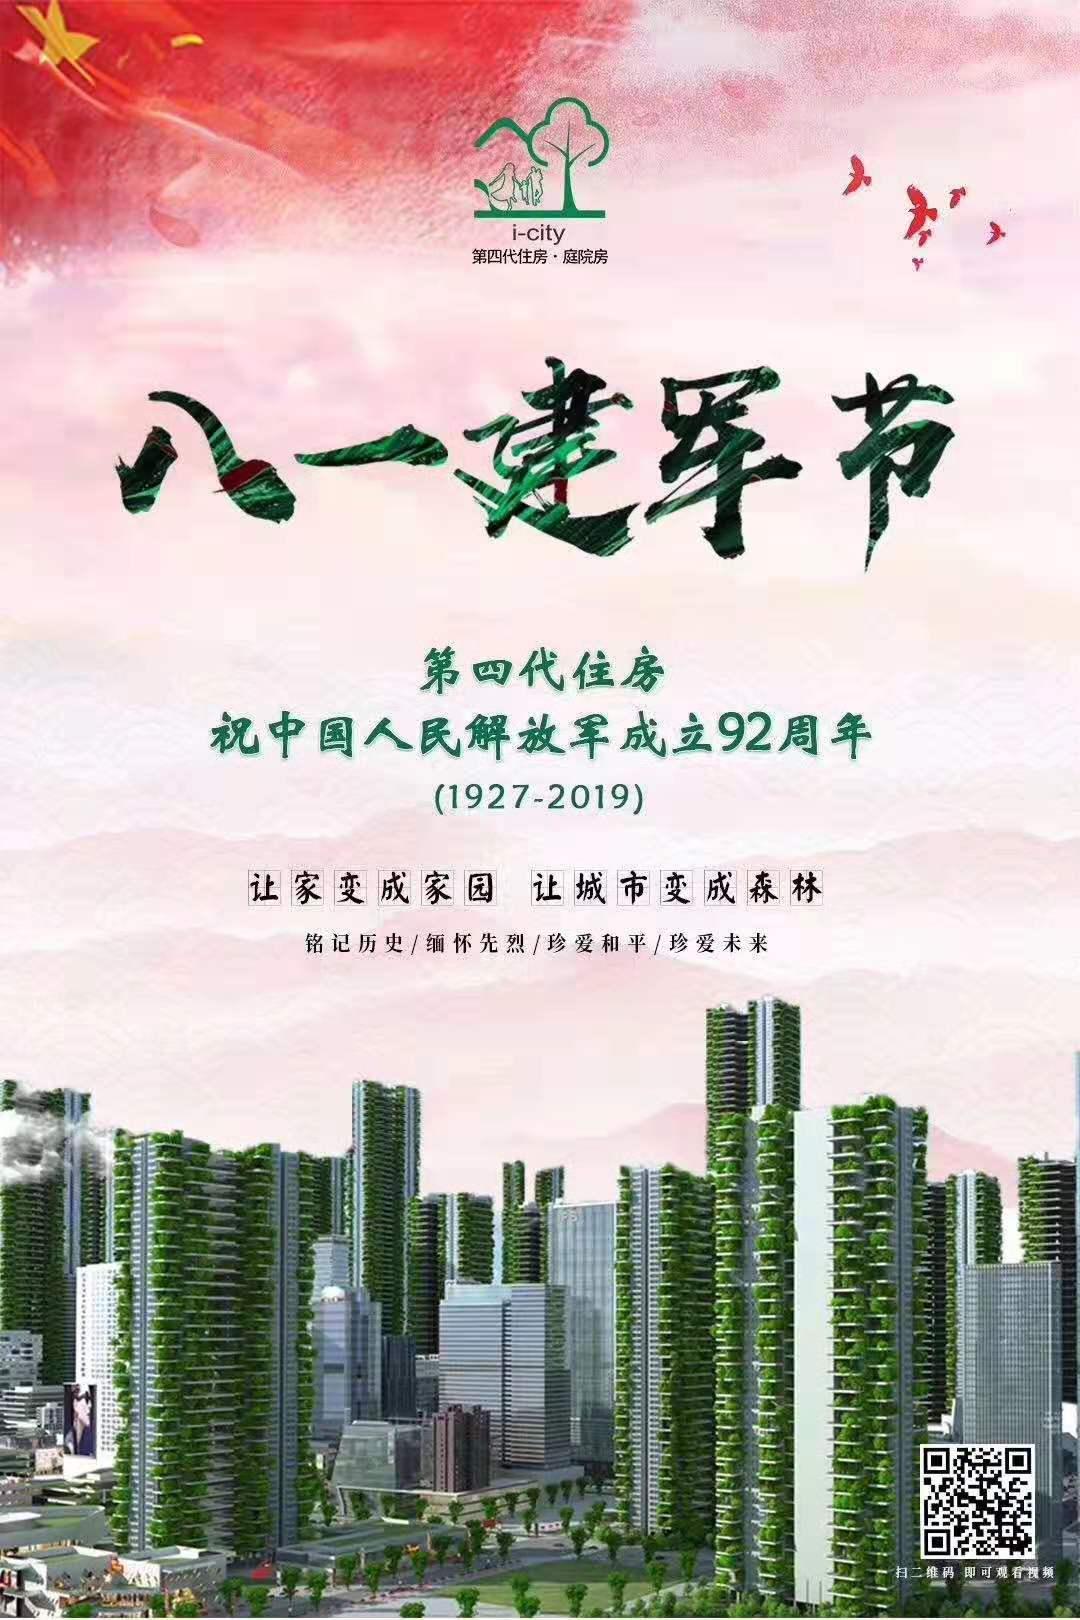 热烈庆祝中国人民解放军建军92周年, 不忘初心,牢记使命; 致敬最可爱的人!